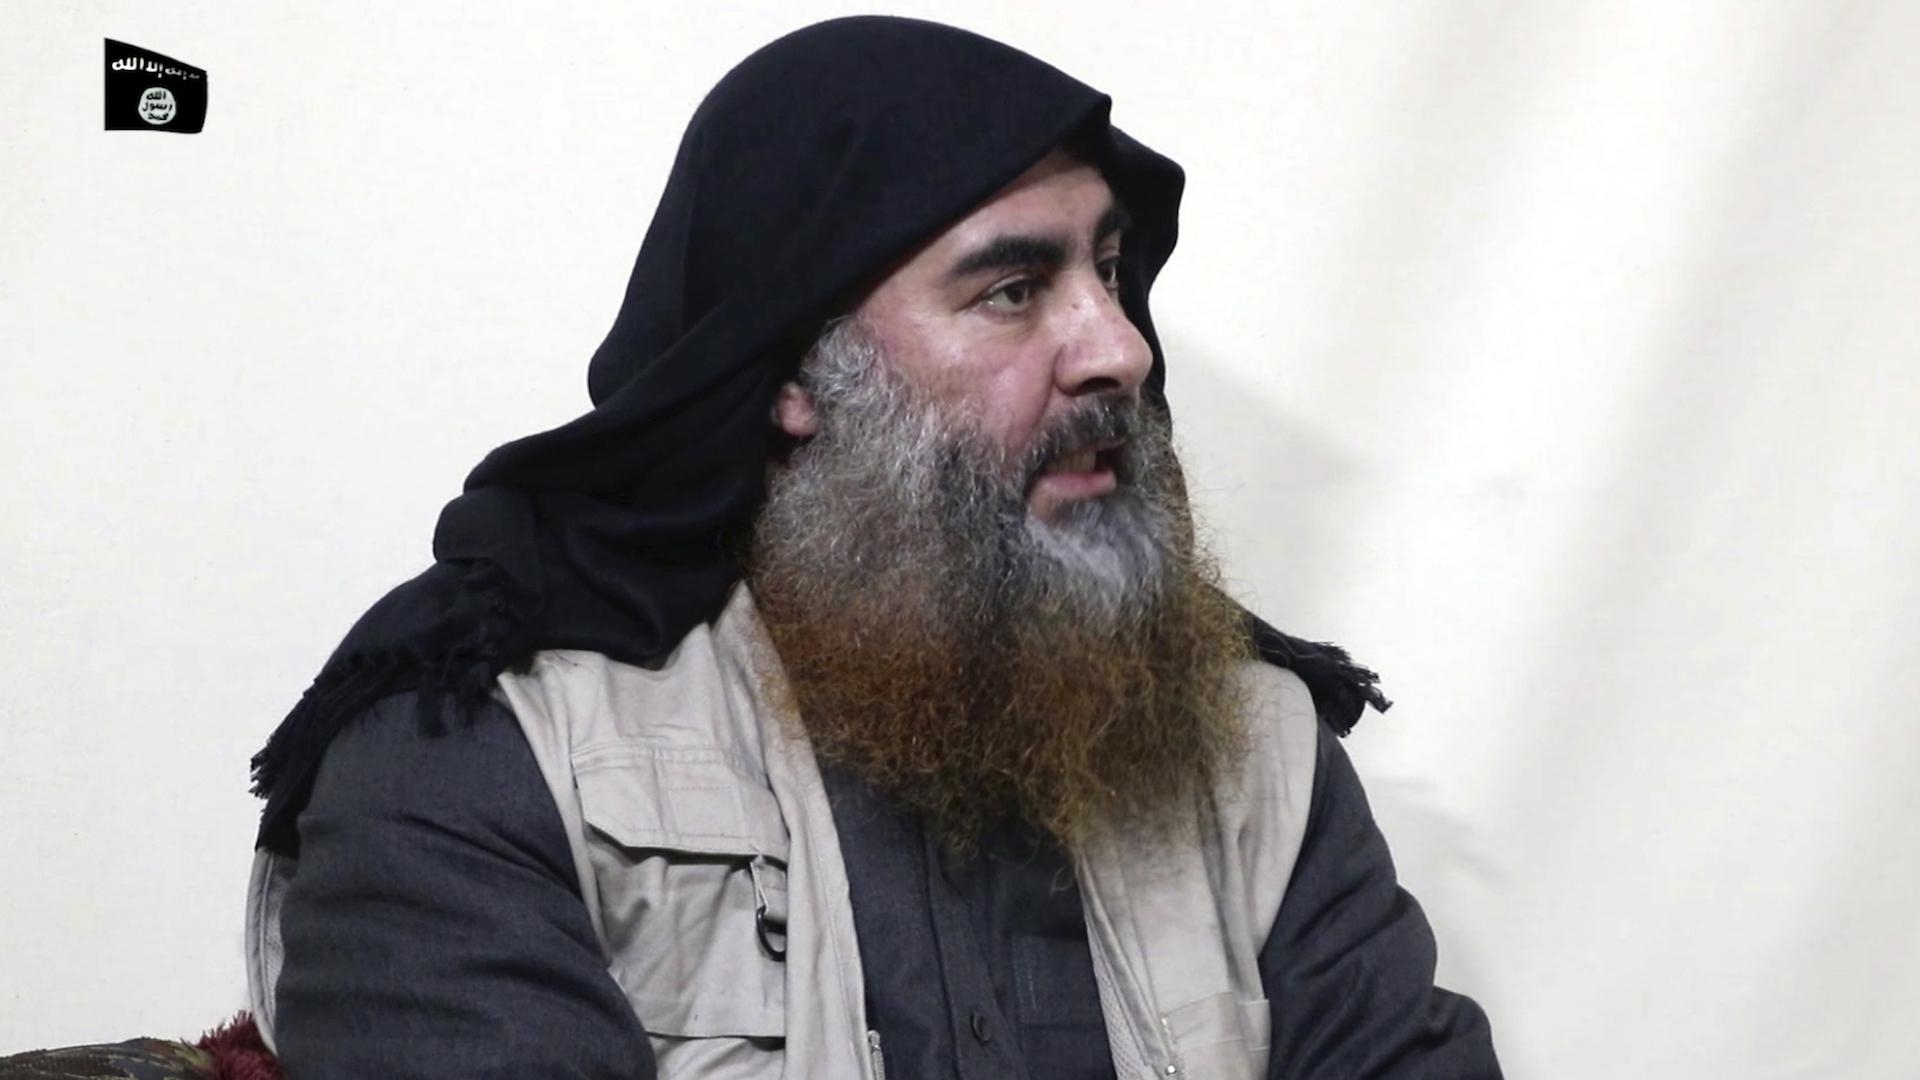 Trump confirma que líder del Estado Islámico murió en operación de EE UU